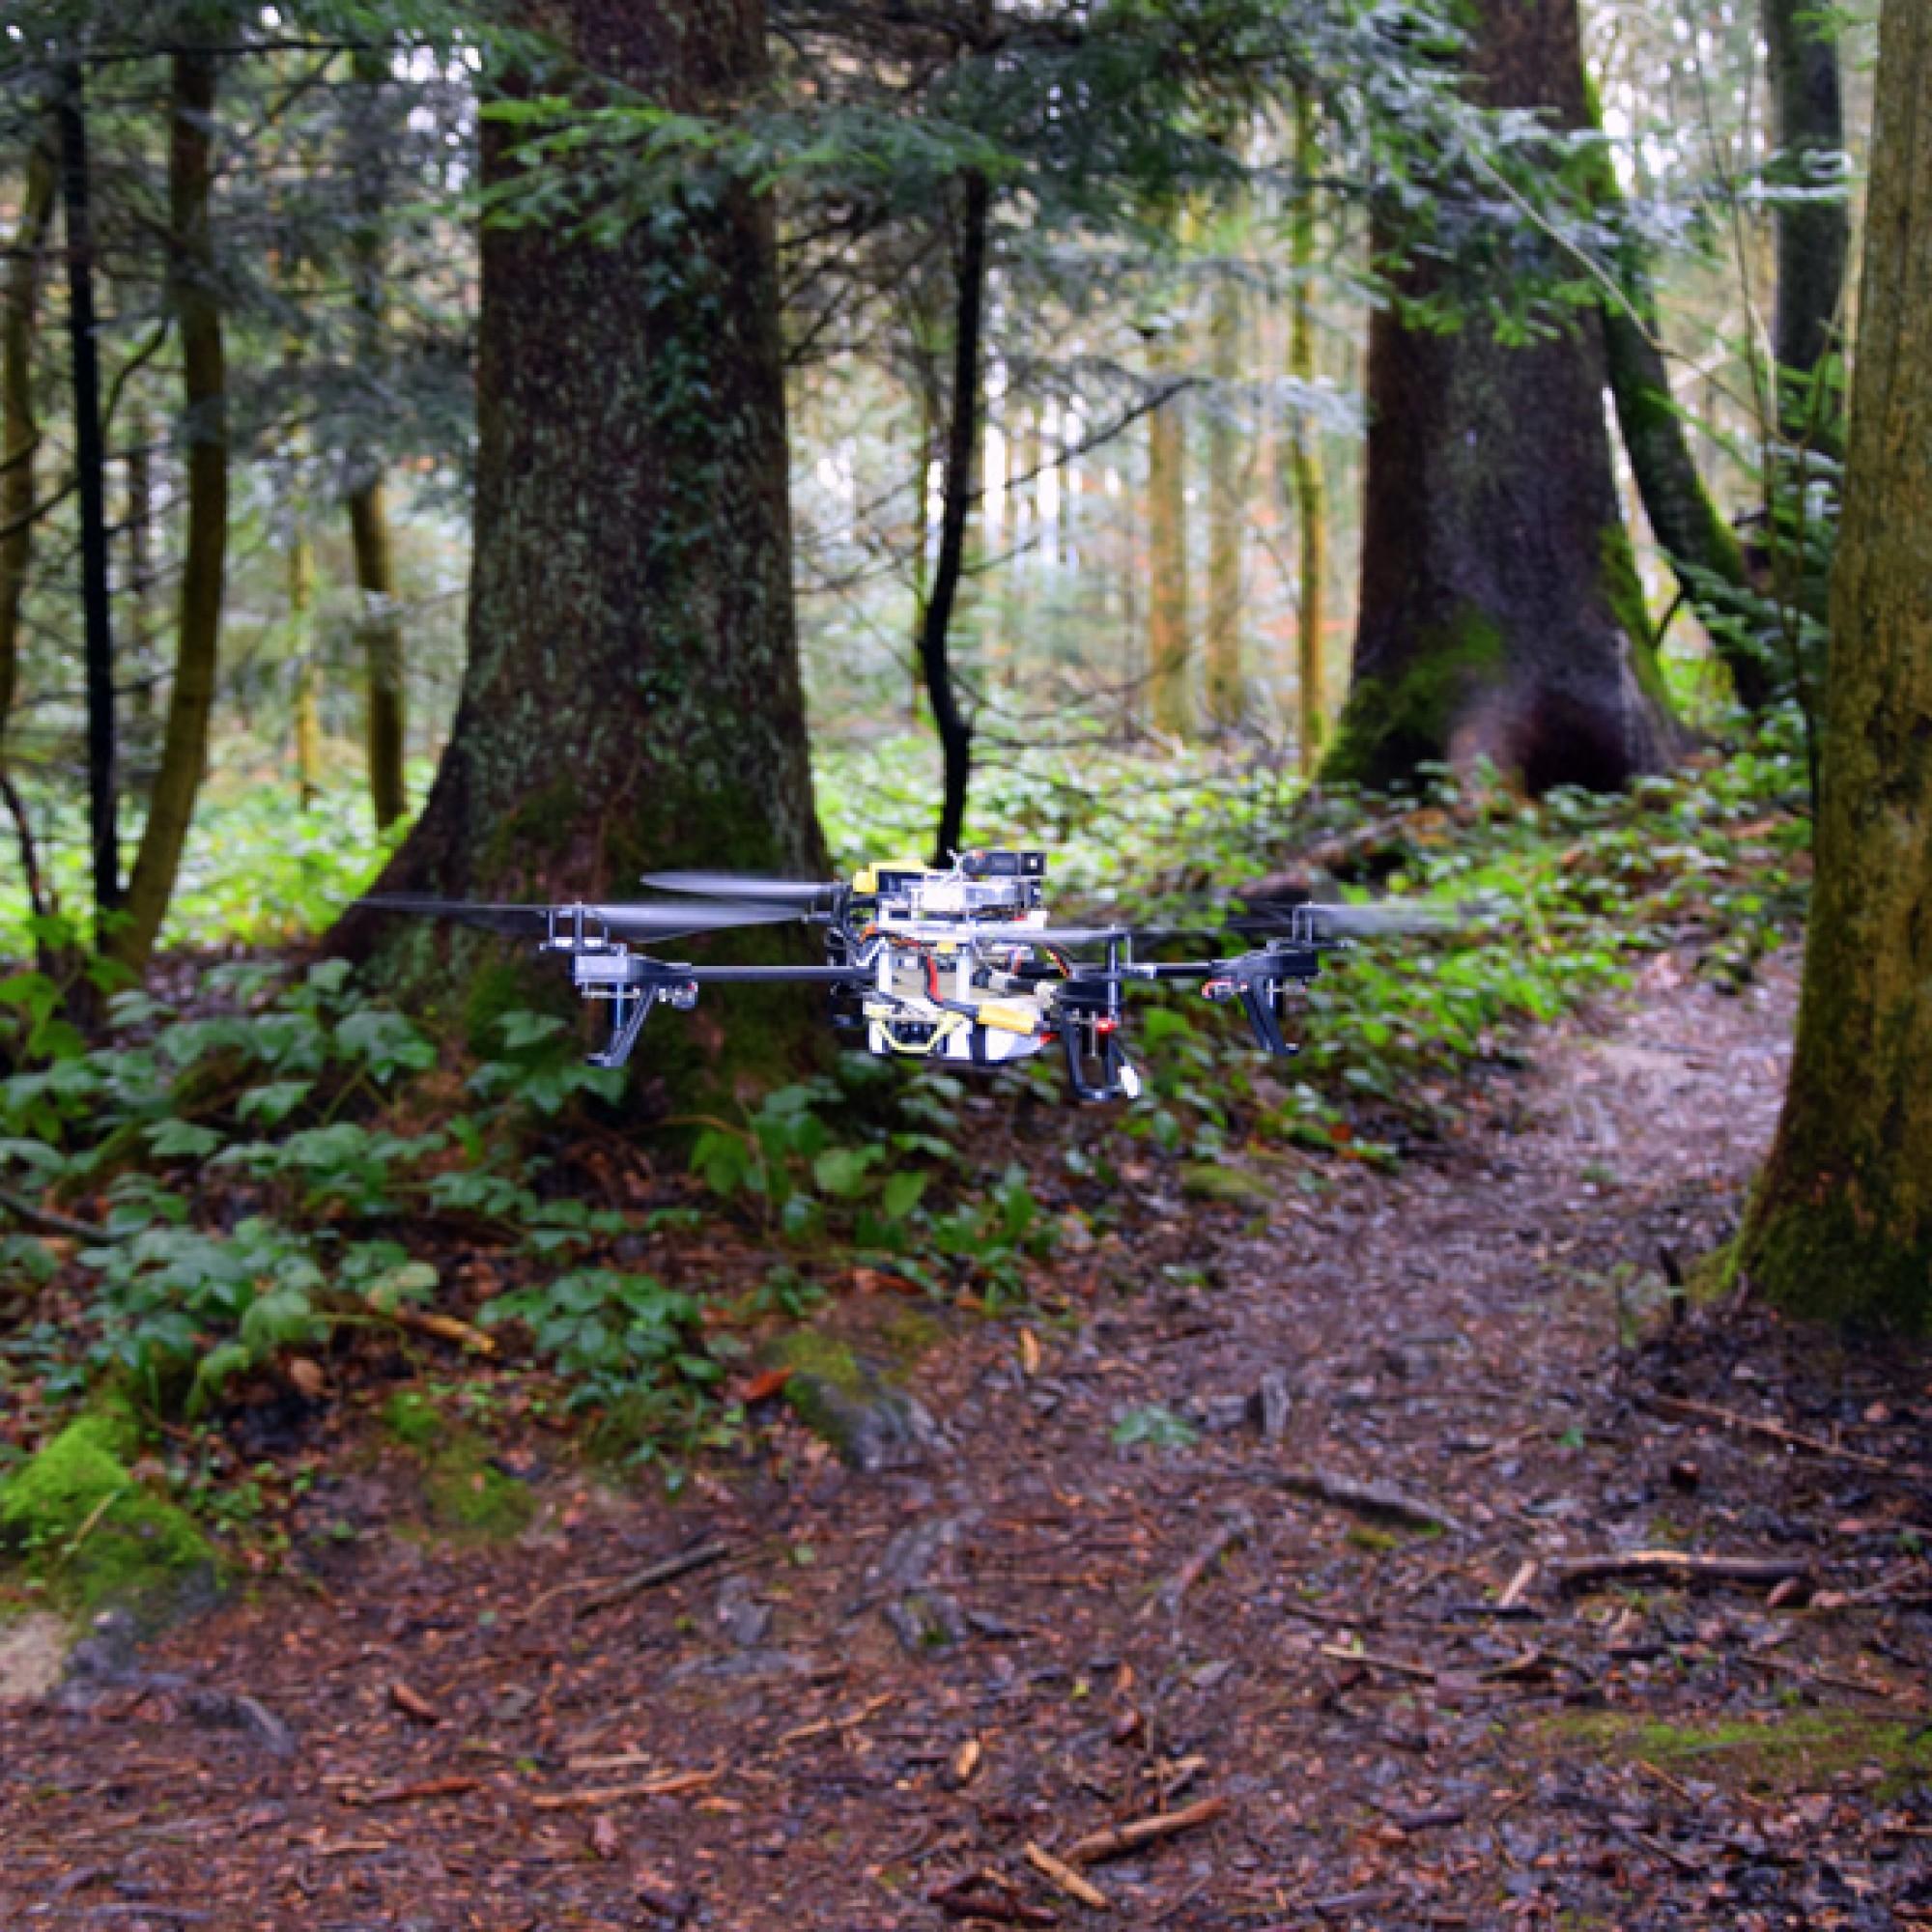 Dank künstlicher Intelligenz findet die Drohne auch im Wald ihren Weg. (zvg)